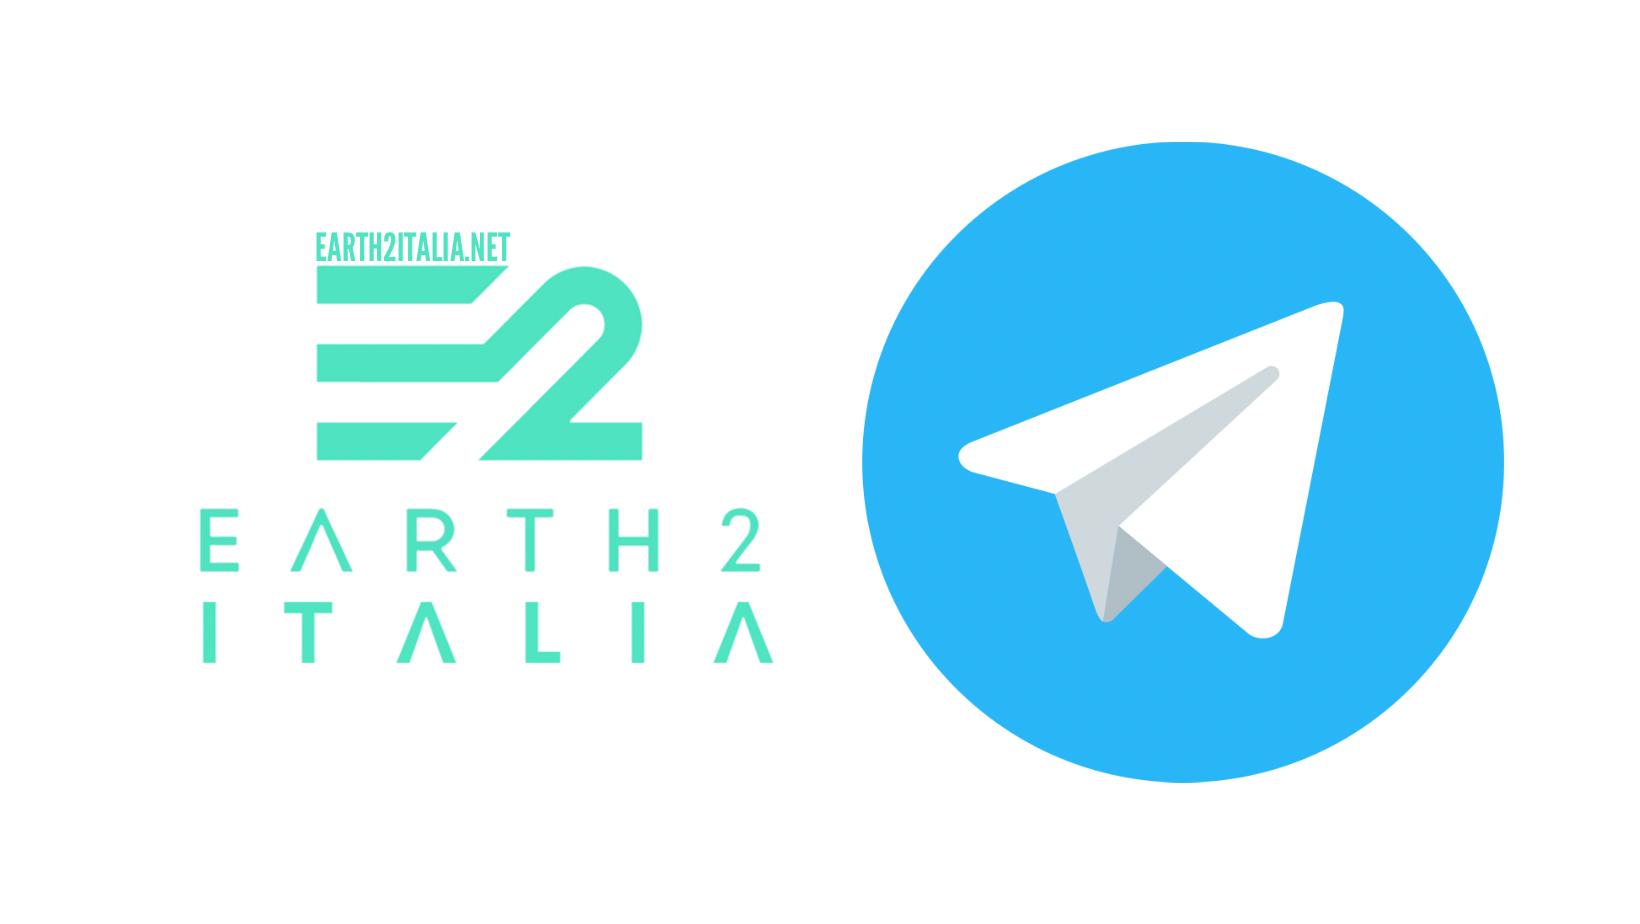 Earth 2 italia telegram - earth2italia.net